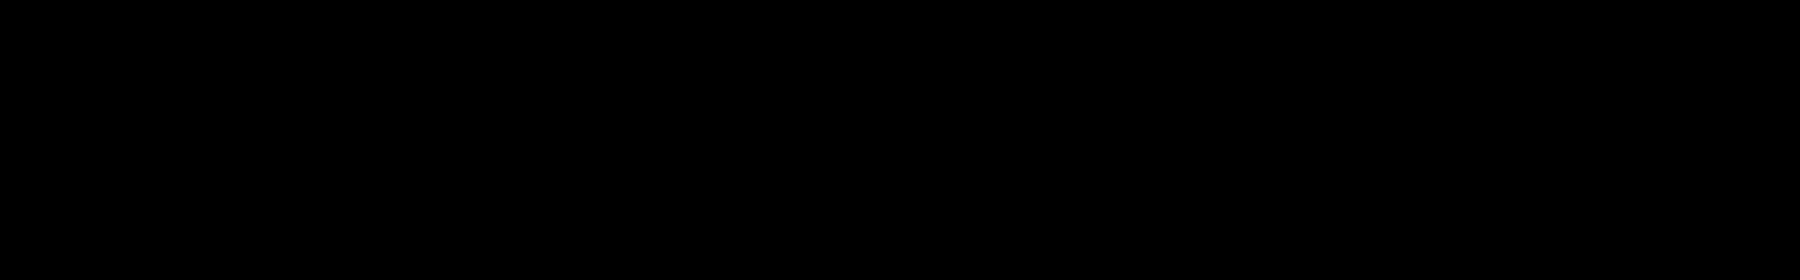 MASSIVE HENON audio waveform